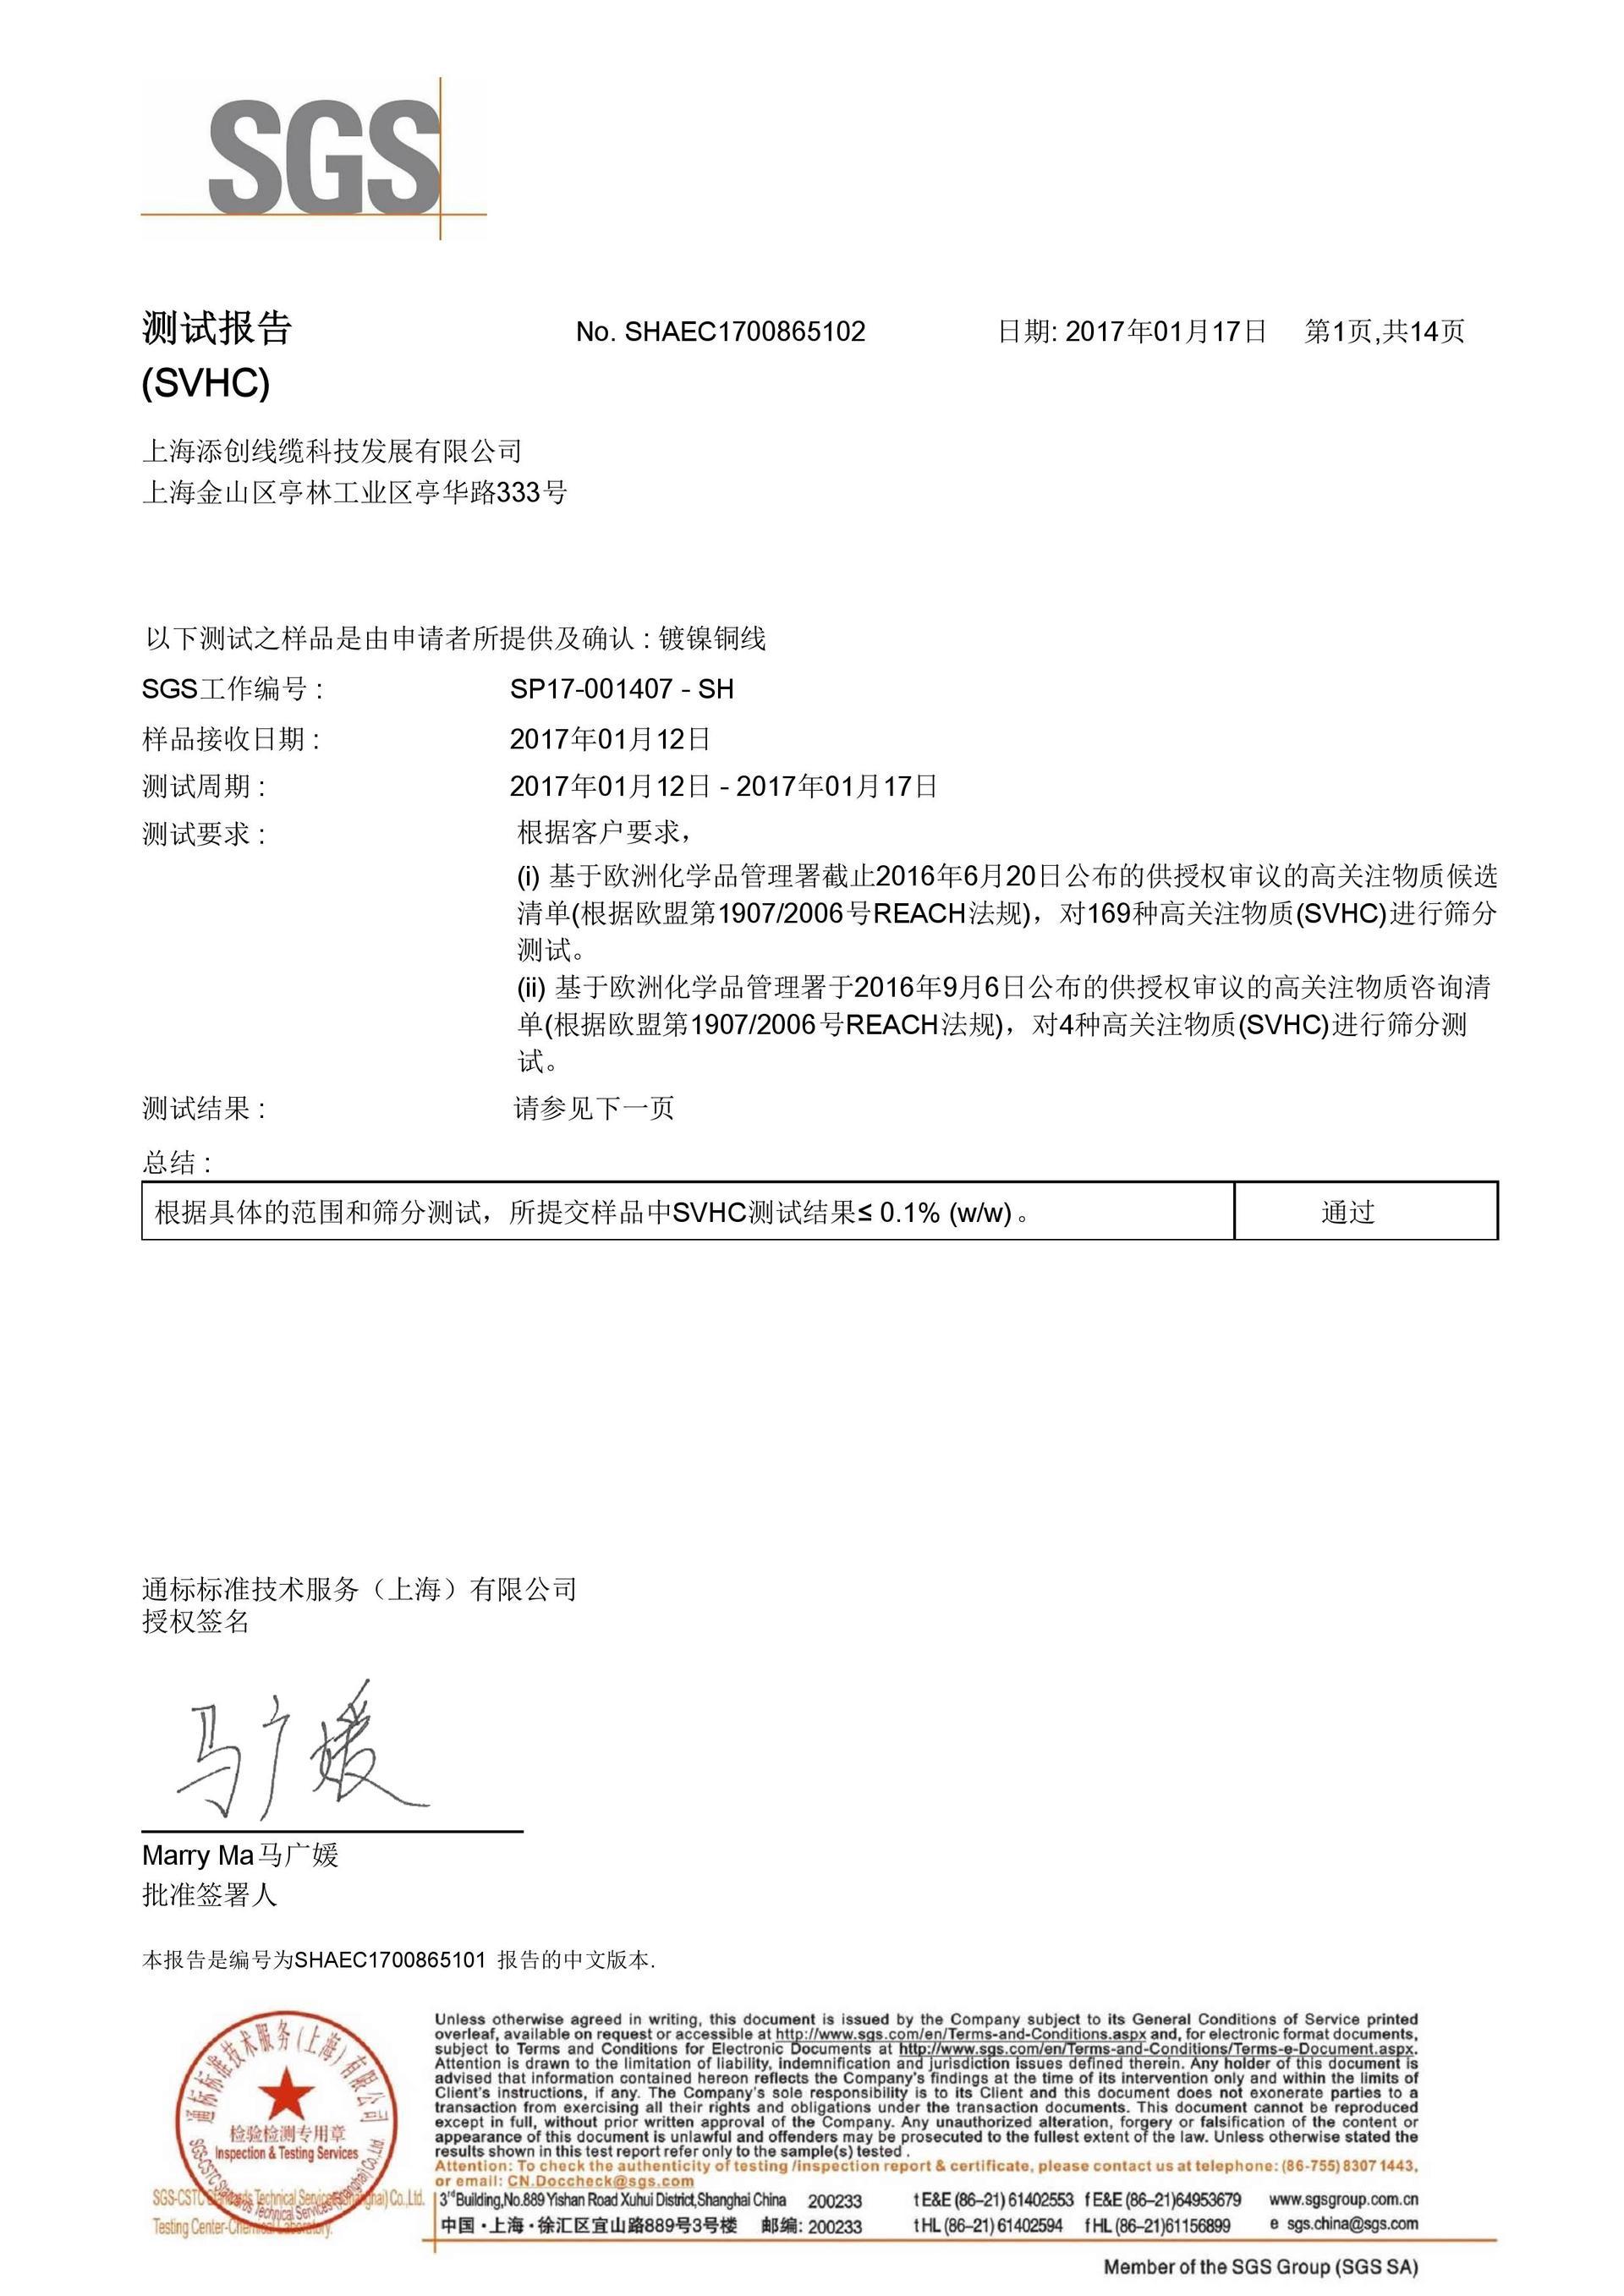 镀镍SGS中文版-1.jpg